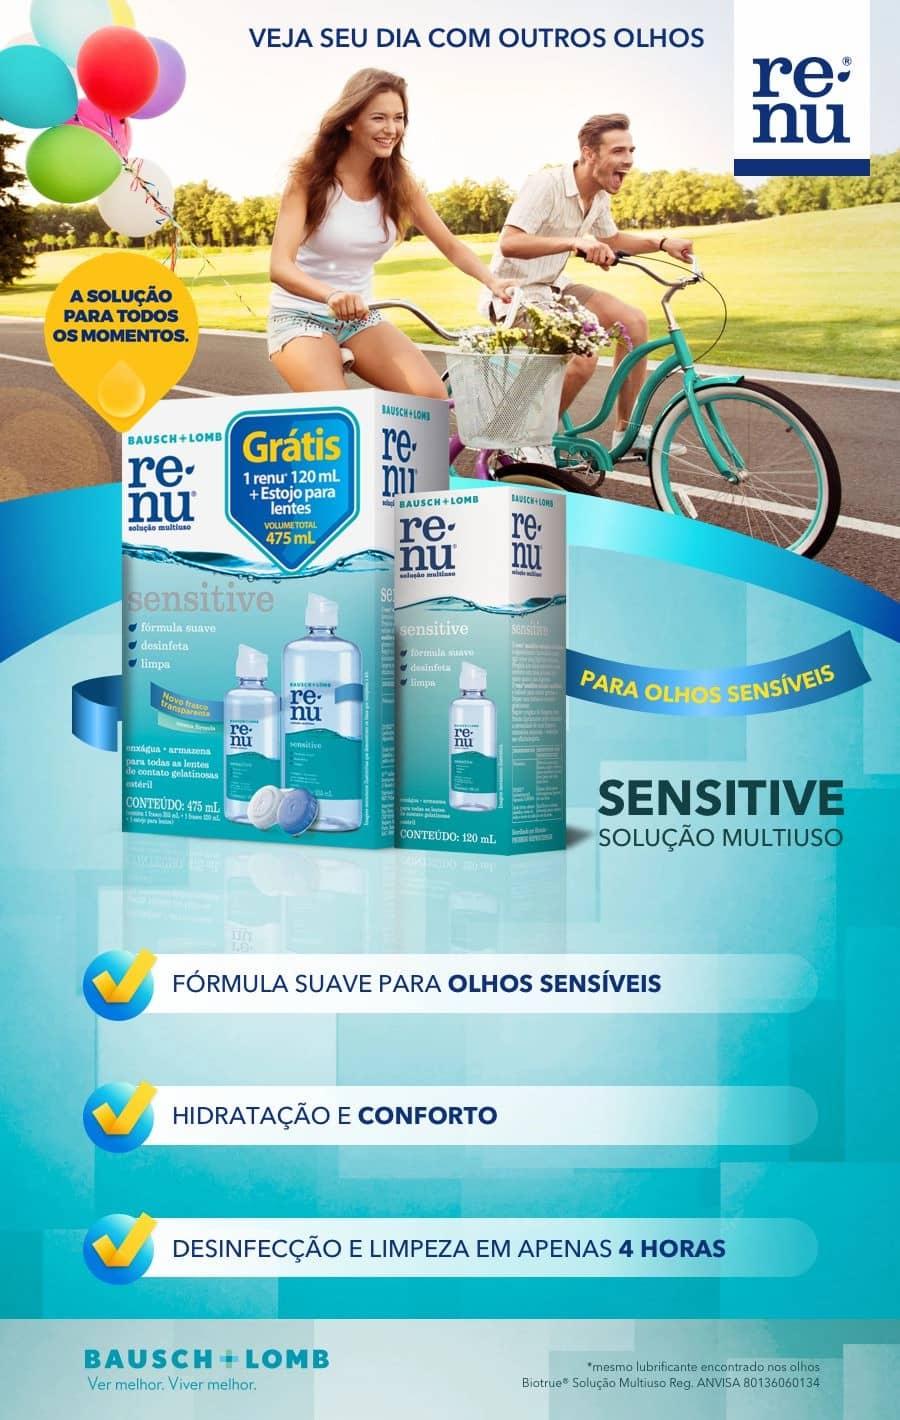 Solução de limpeza Renu Sensitive